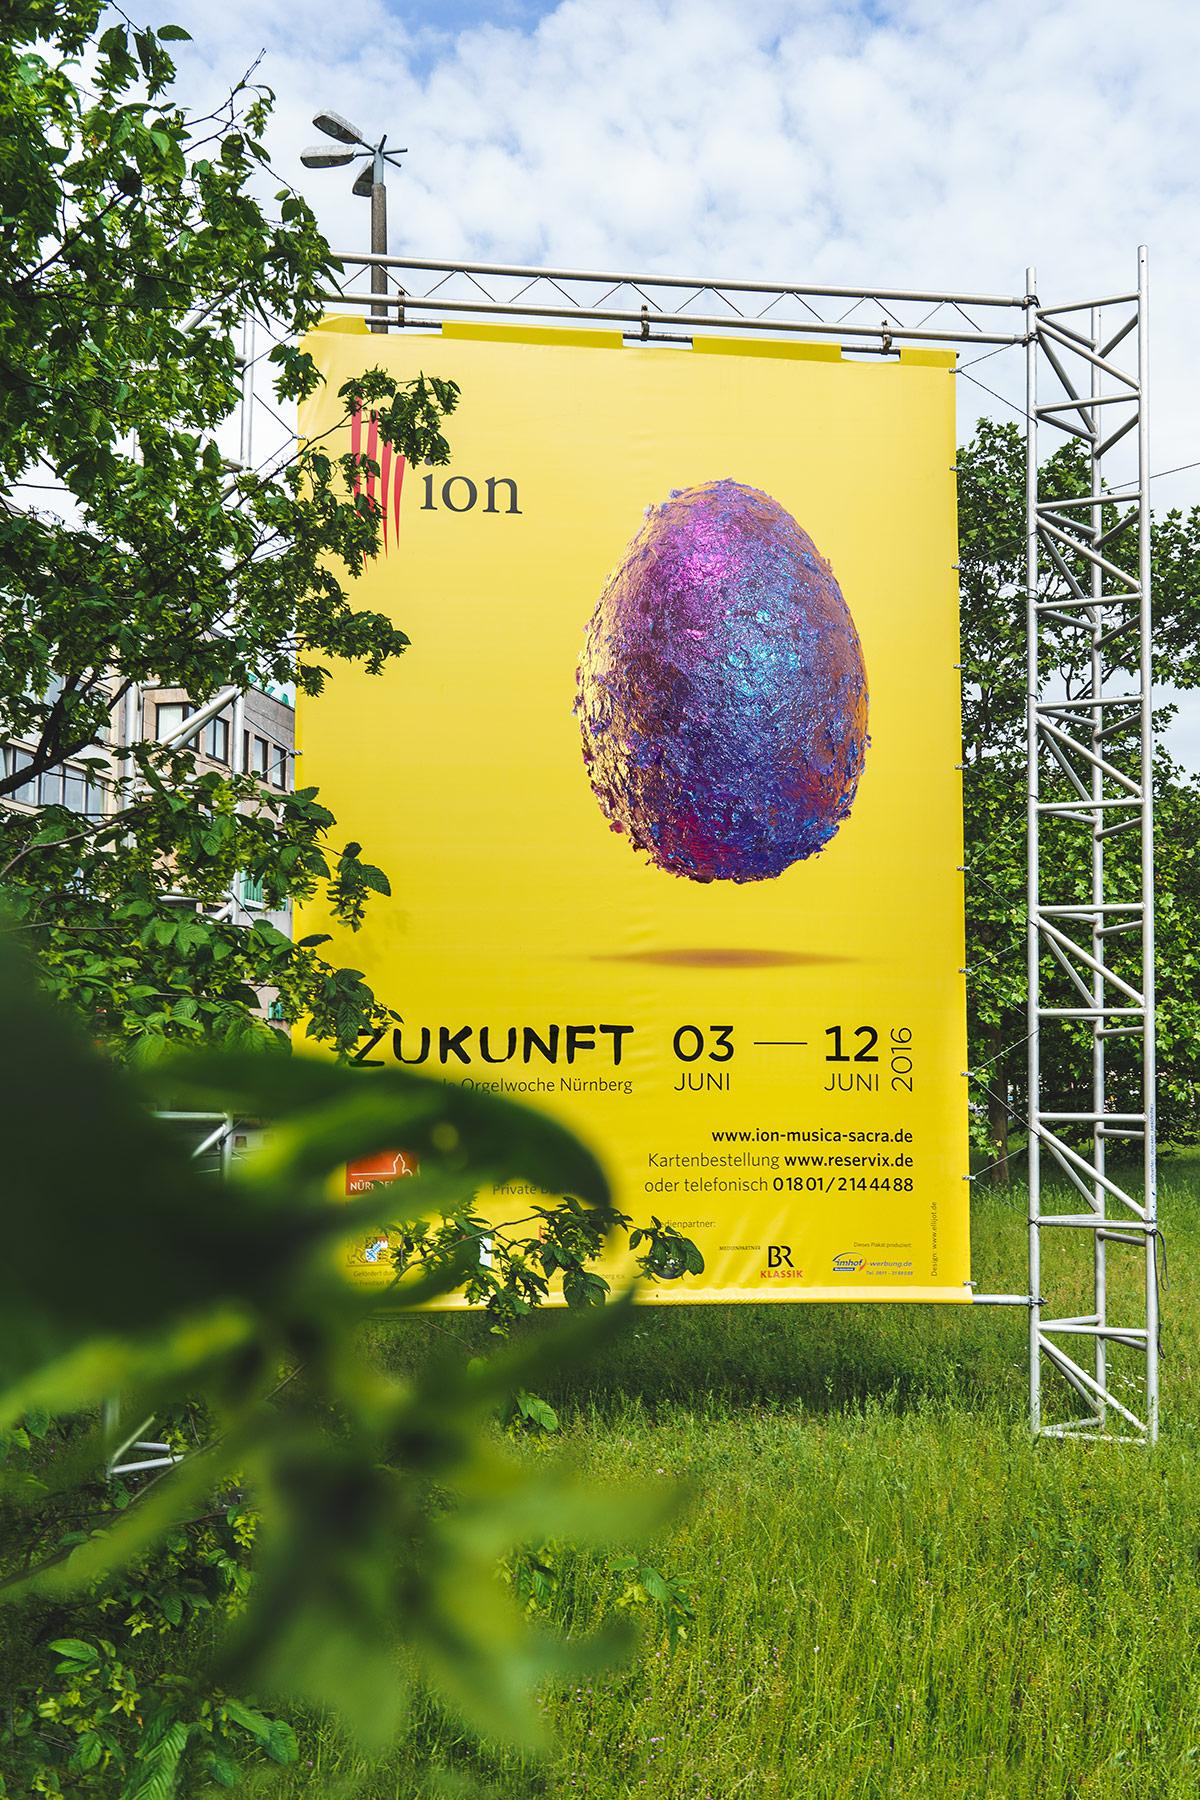 Internationale Orgelwoche Nürnberg – Festival für Klassische und Geistliche Musik. Festivalkampagne, Logolettering, Key Visual, Corporate Design von ELLIJOT, Key Visual von EyeCandy Berlin